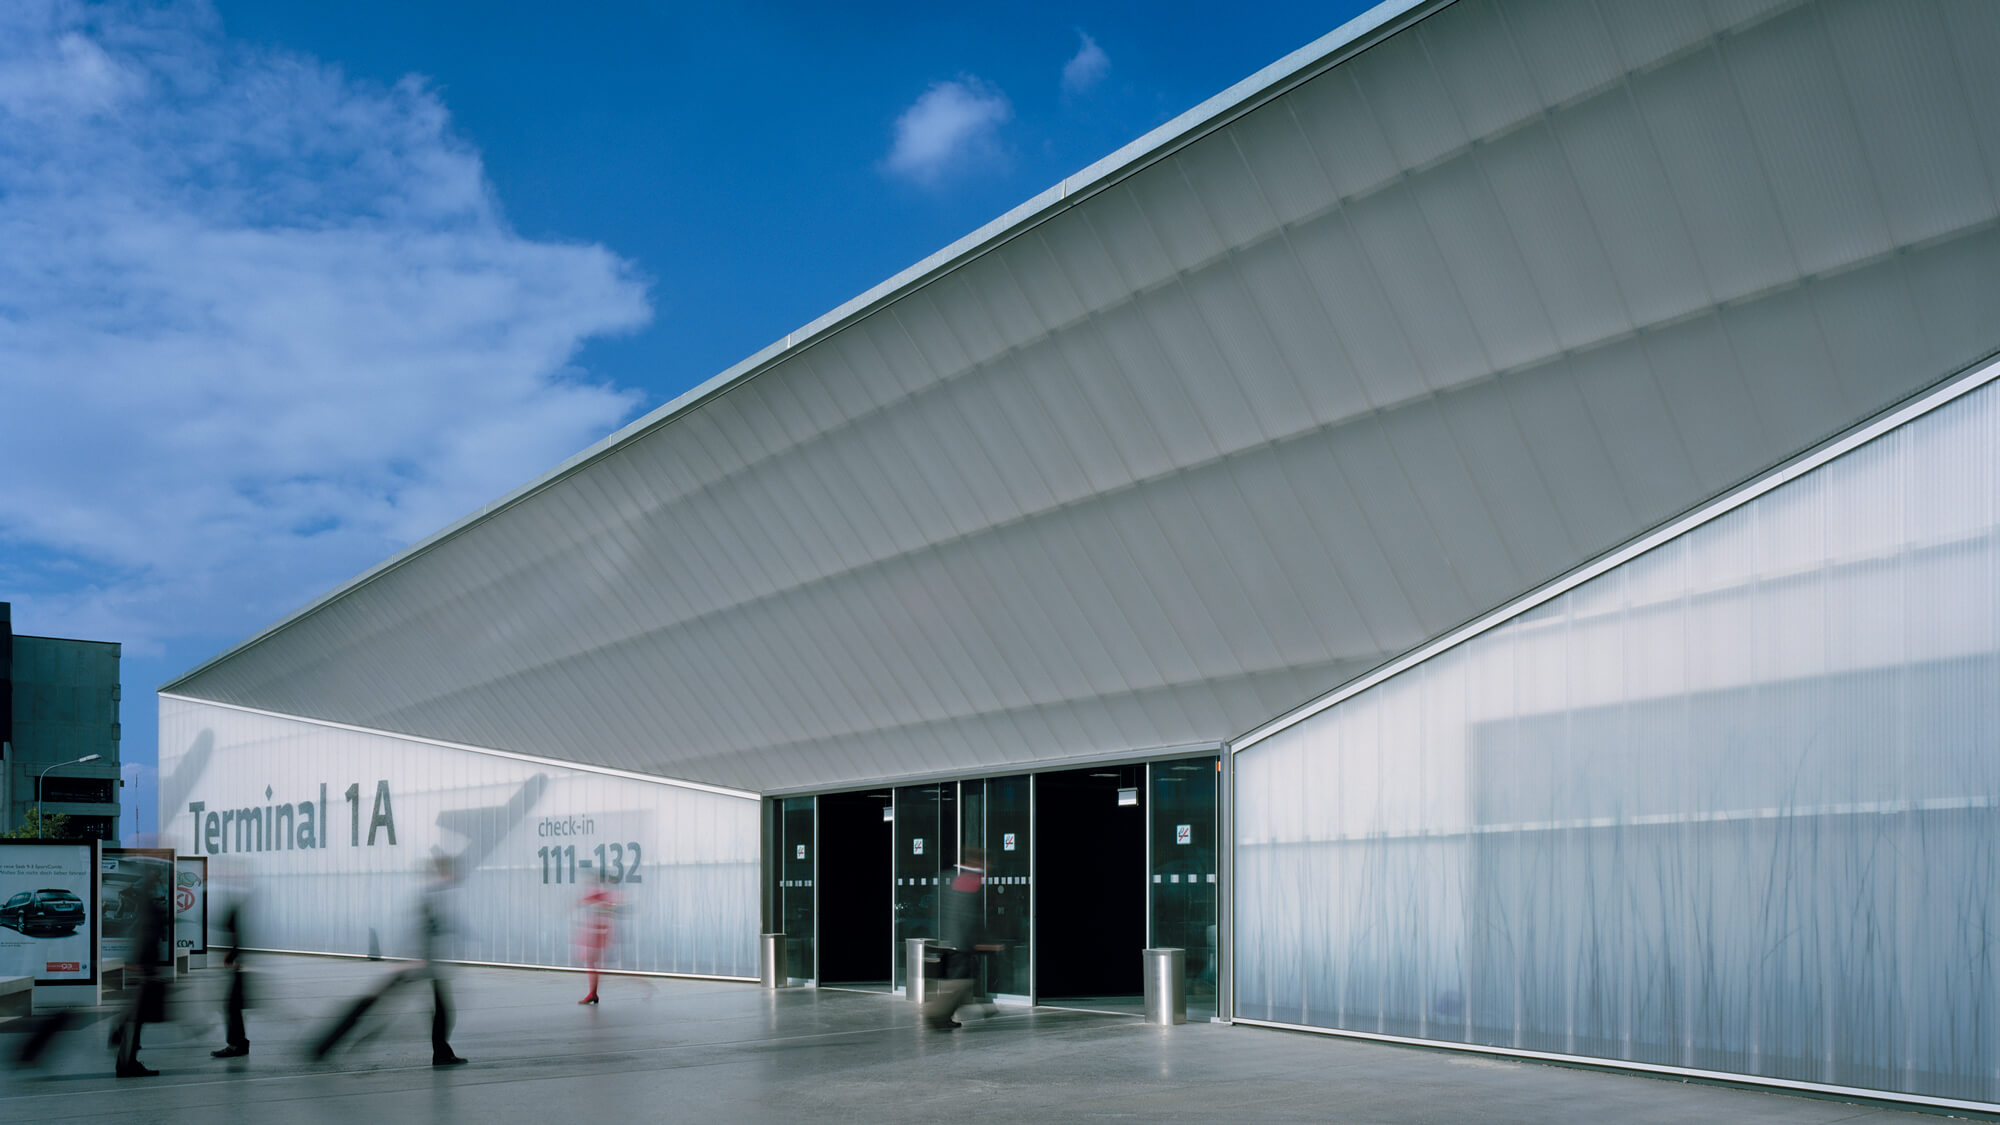 Terminal 1A - Flughafen Wien